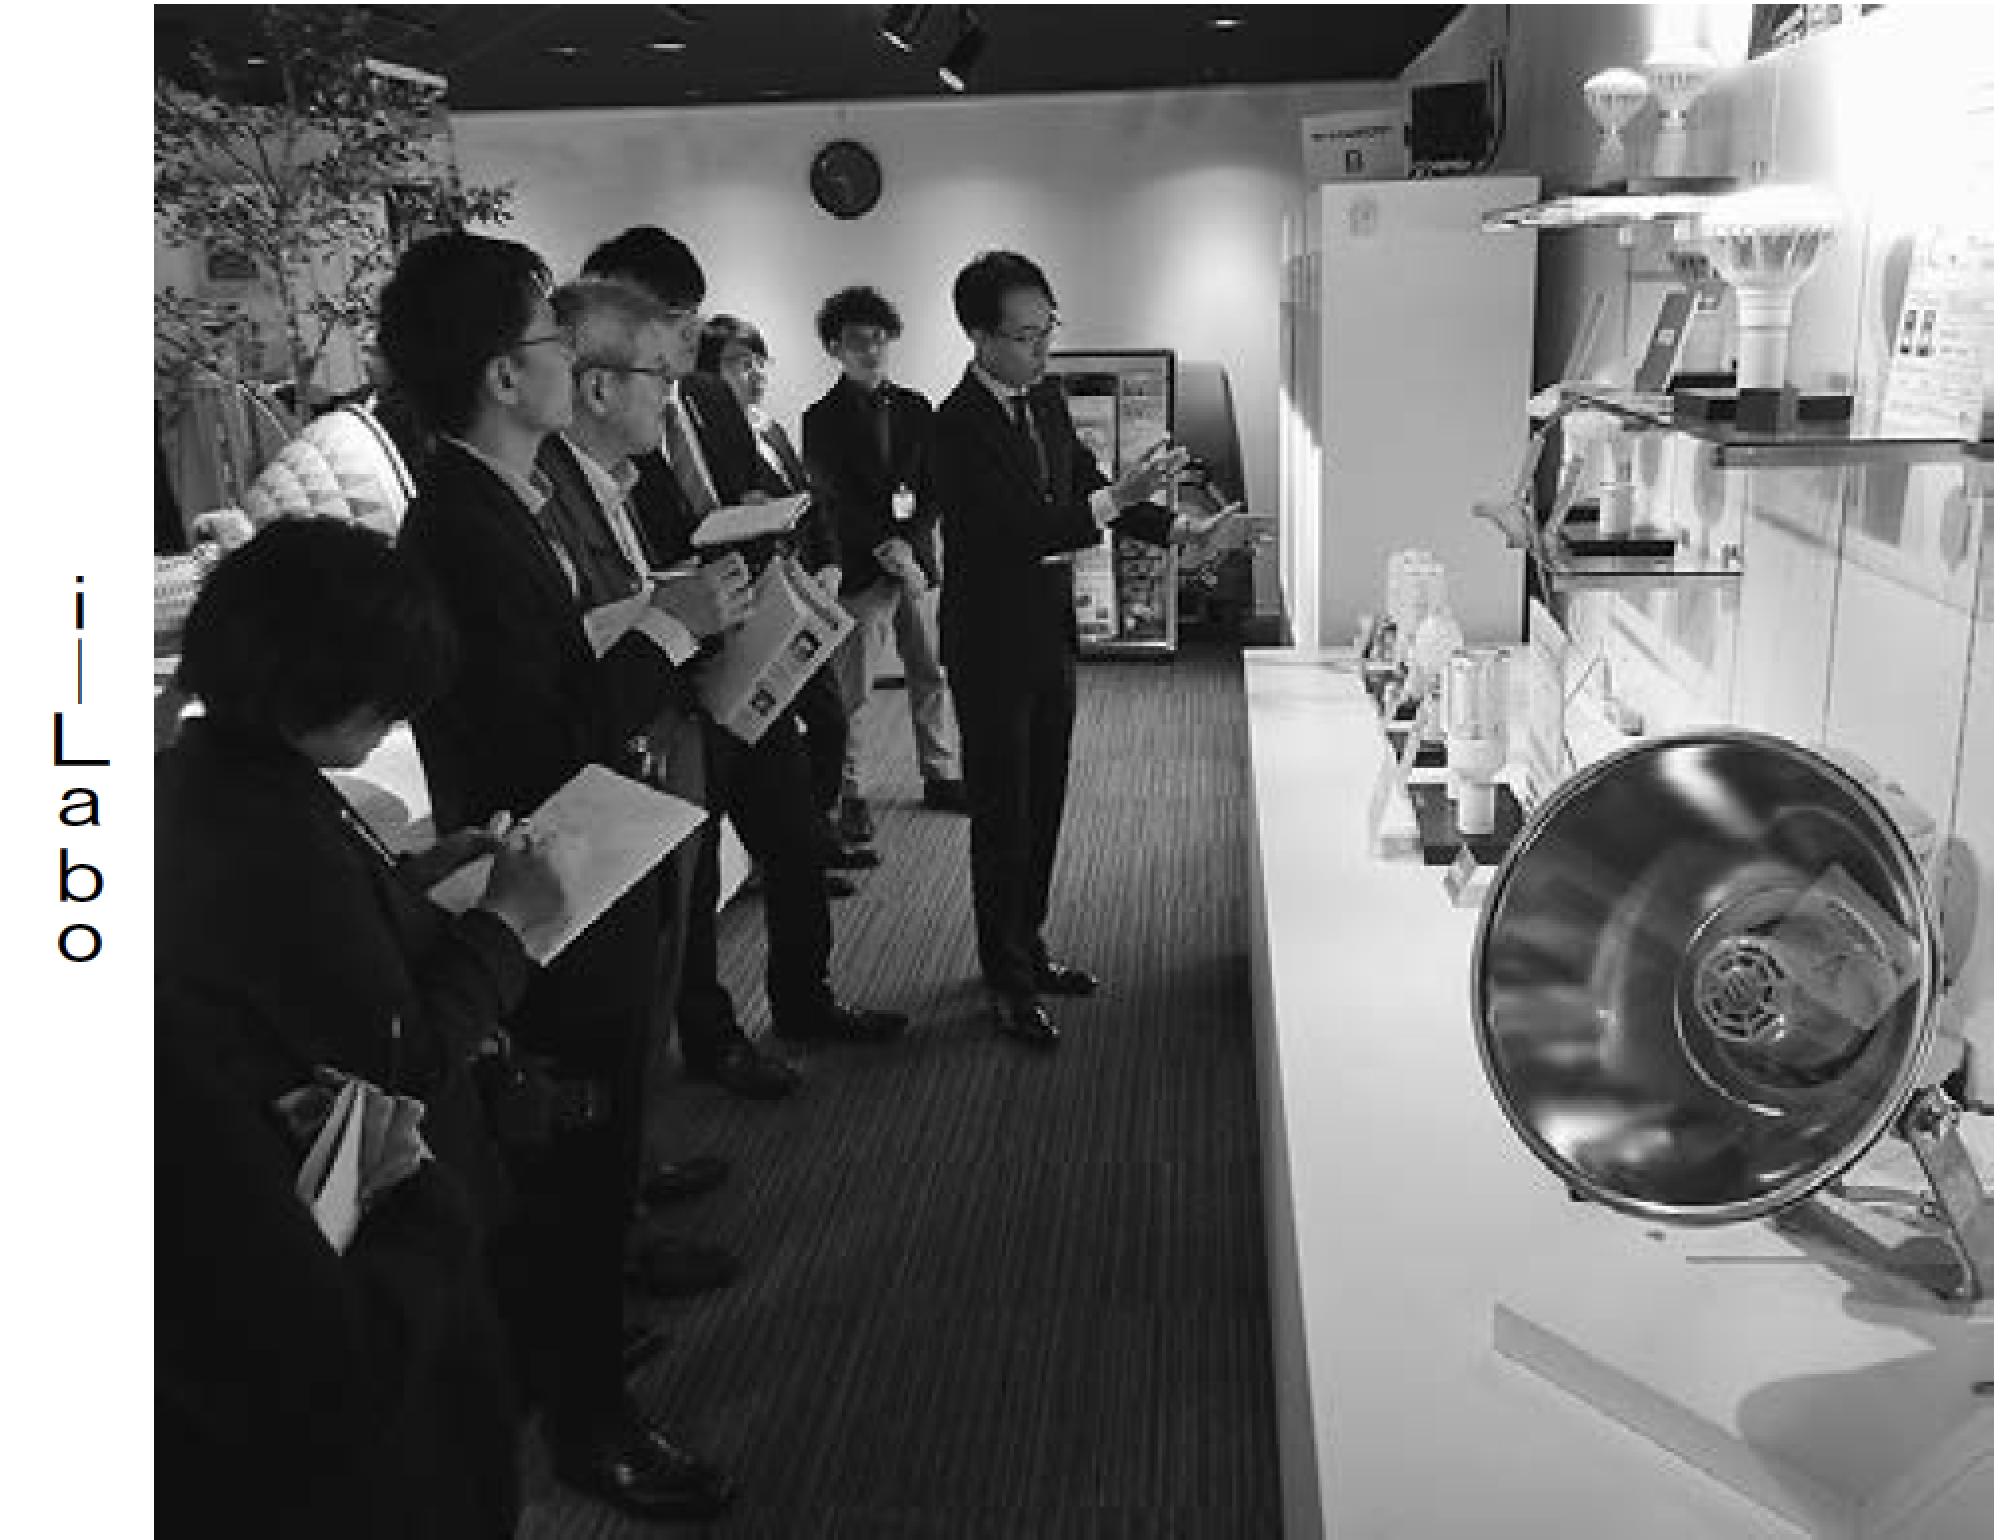 【岩崎電気】新ショールーム「i-Labo」披露 多様な製品を総合的に展示の画像